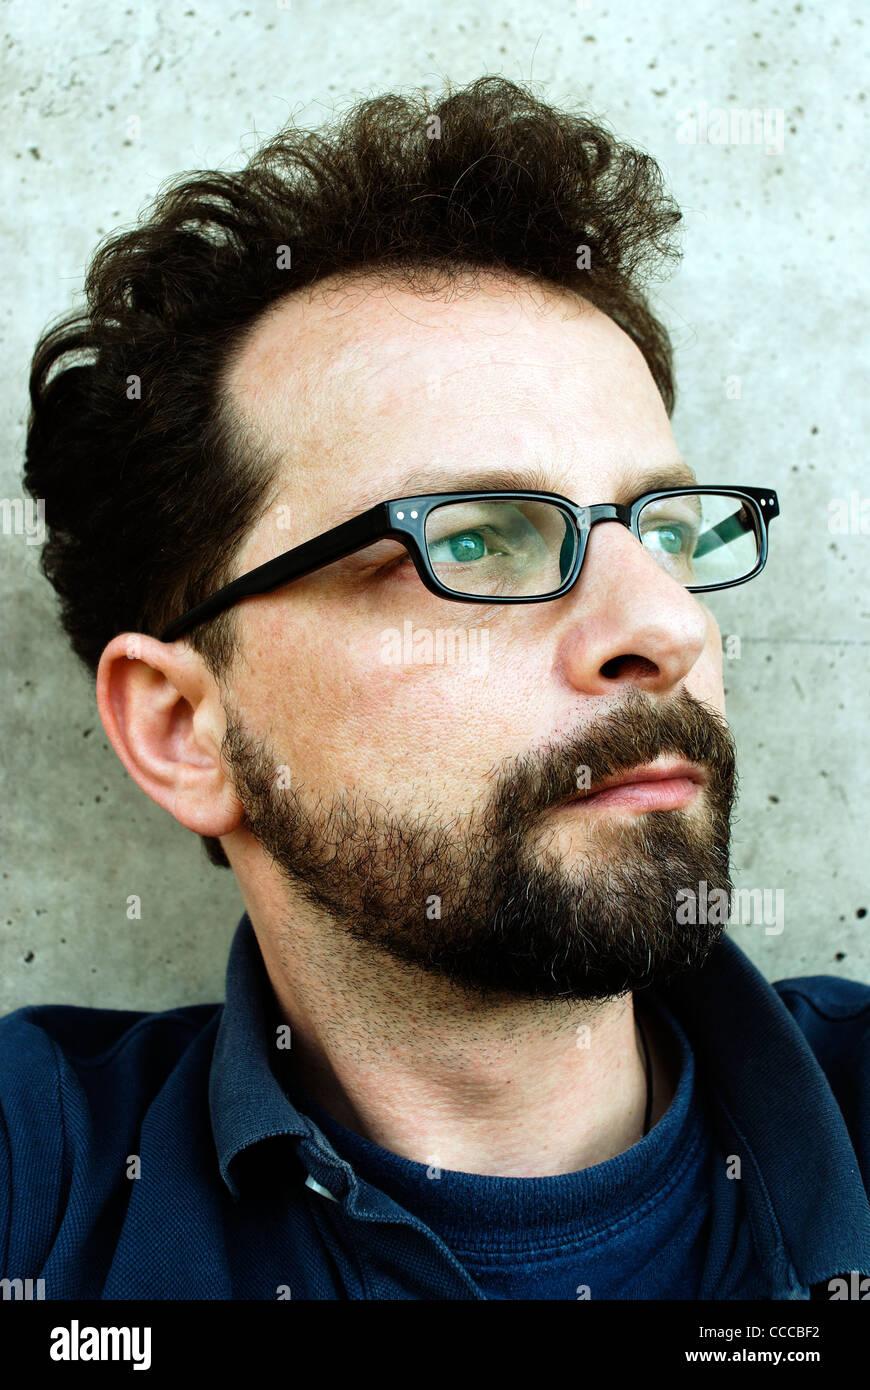 Uomo con occhiali, età 40 Immagini Stock